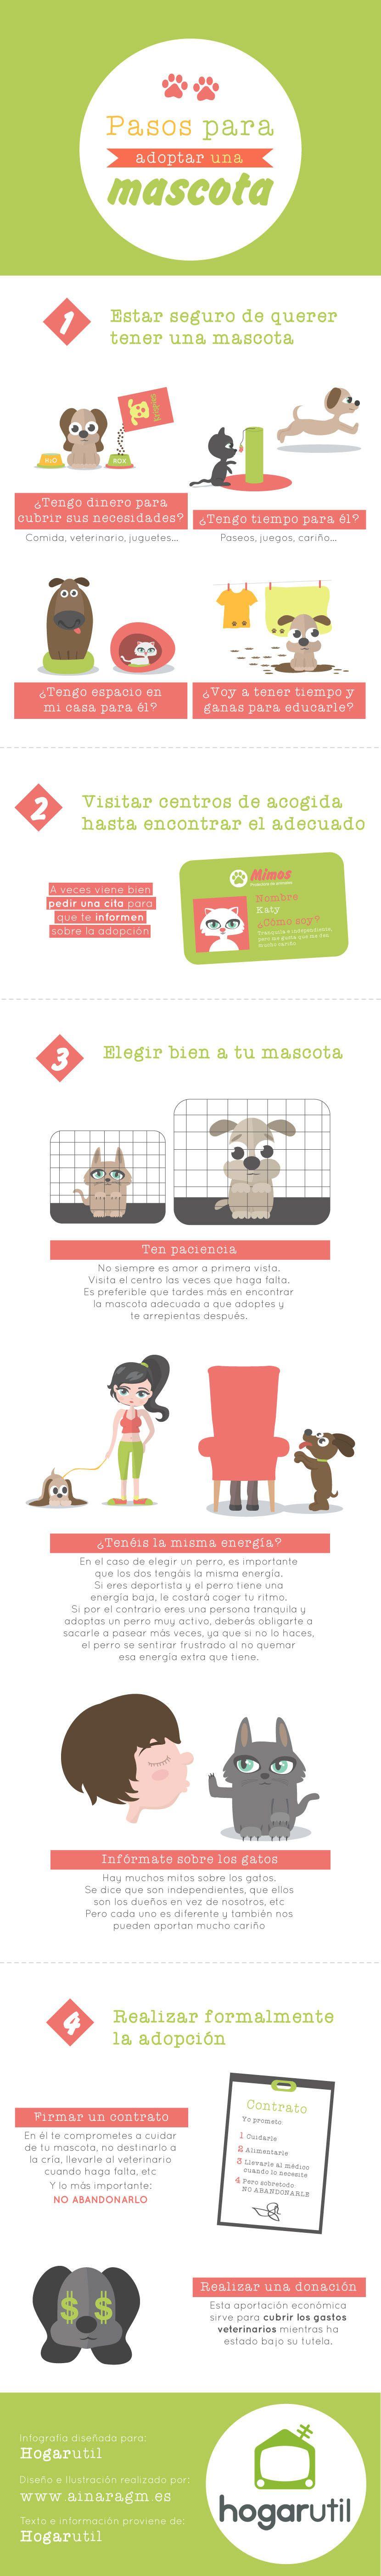 infografía adopción mascotas